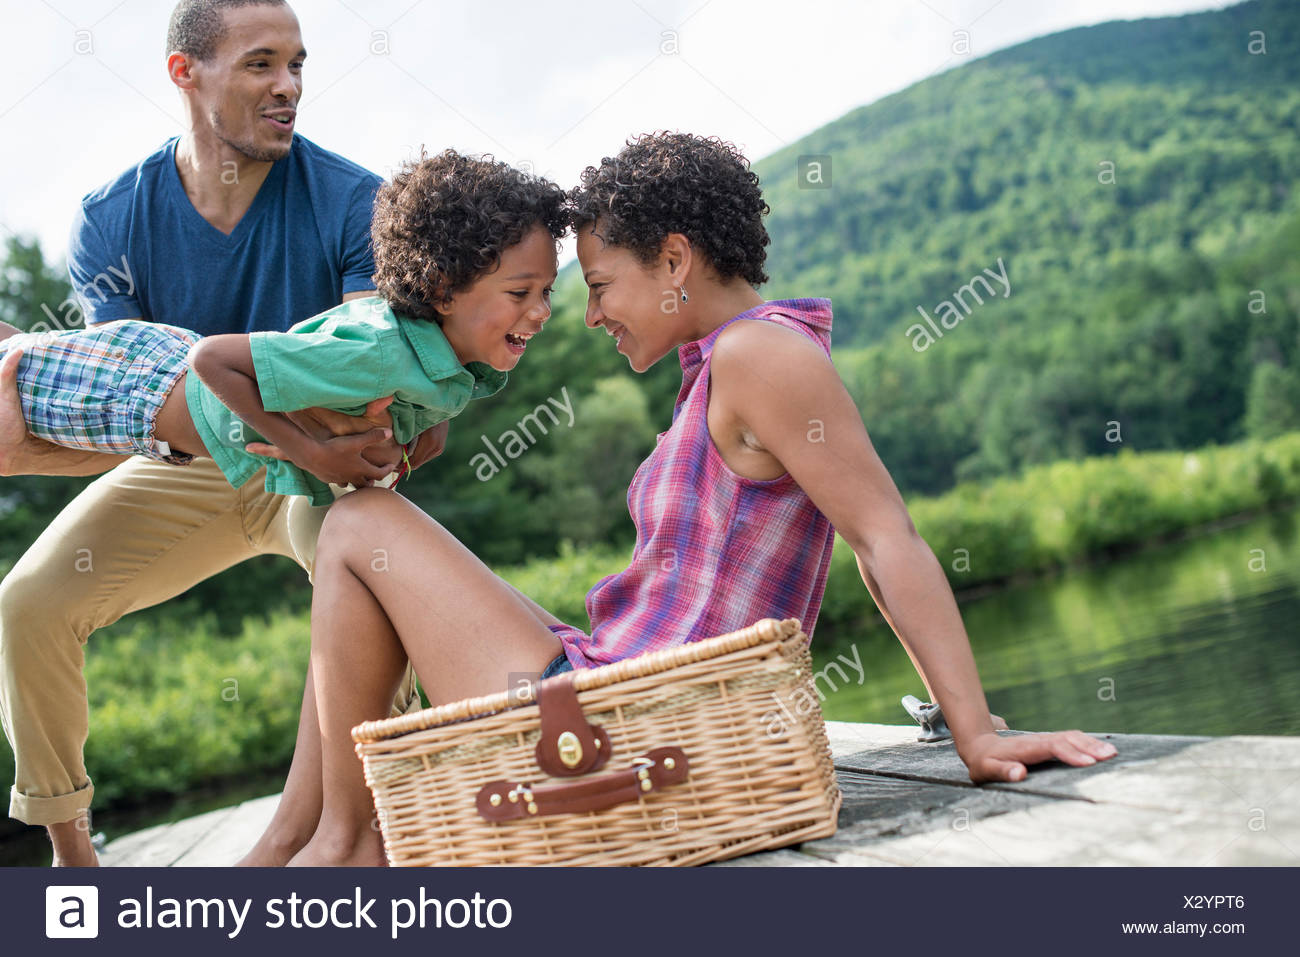 A family having a summer picnic at a lake. - Stock Image